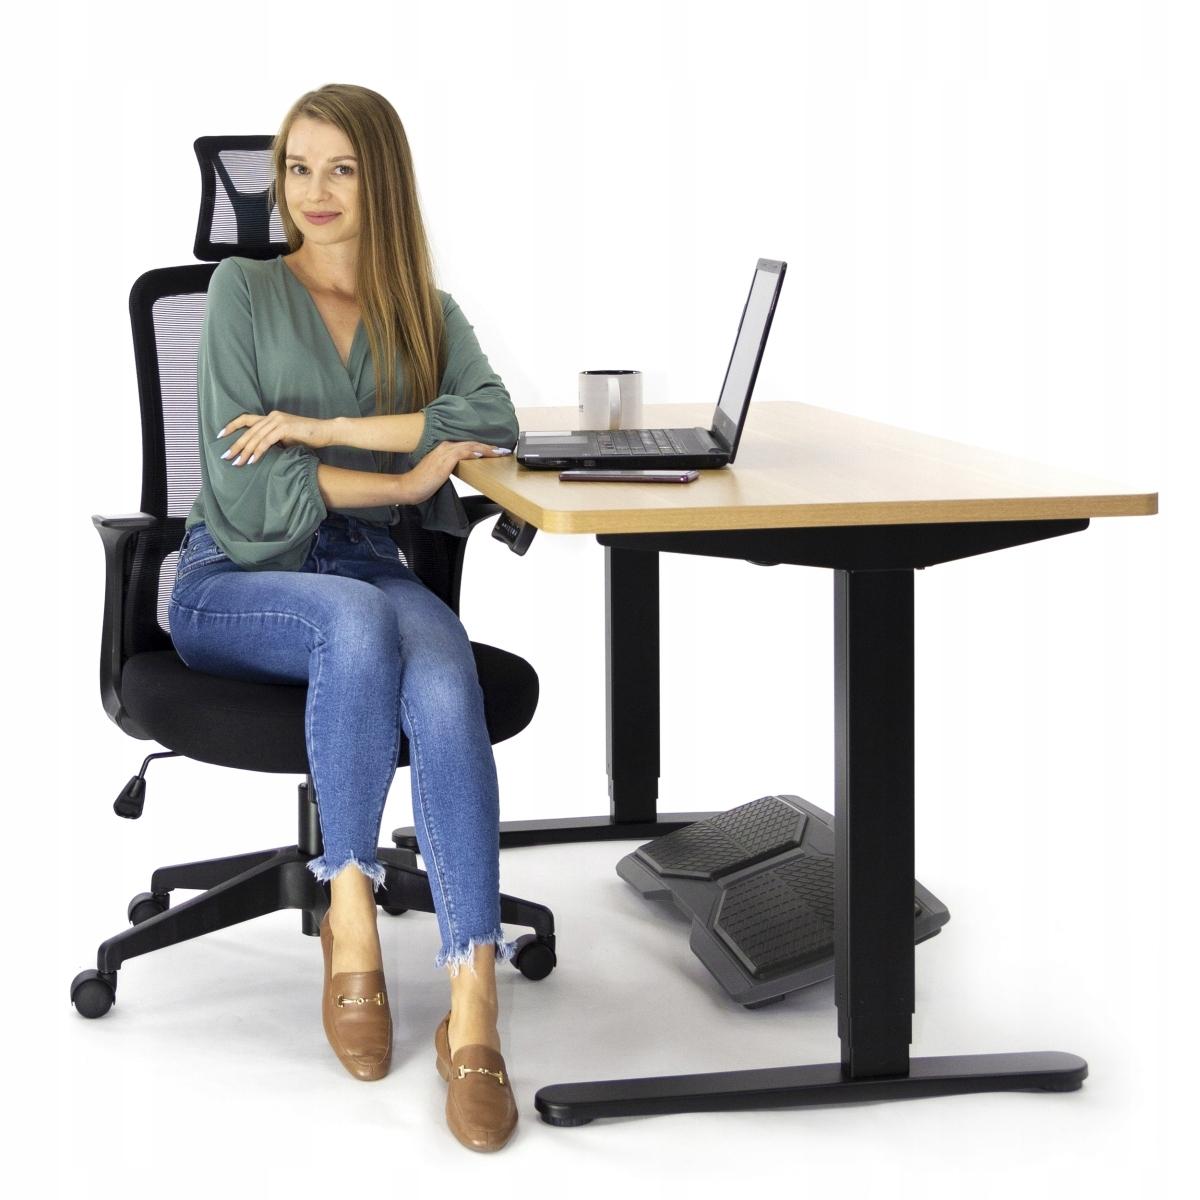 Ергономічне офісне крісло AMO-90 поворотне крісло Максимальне навантаження 135 кг